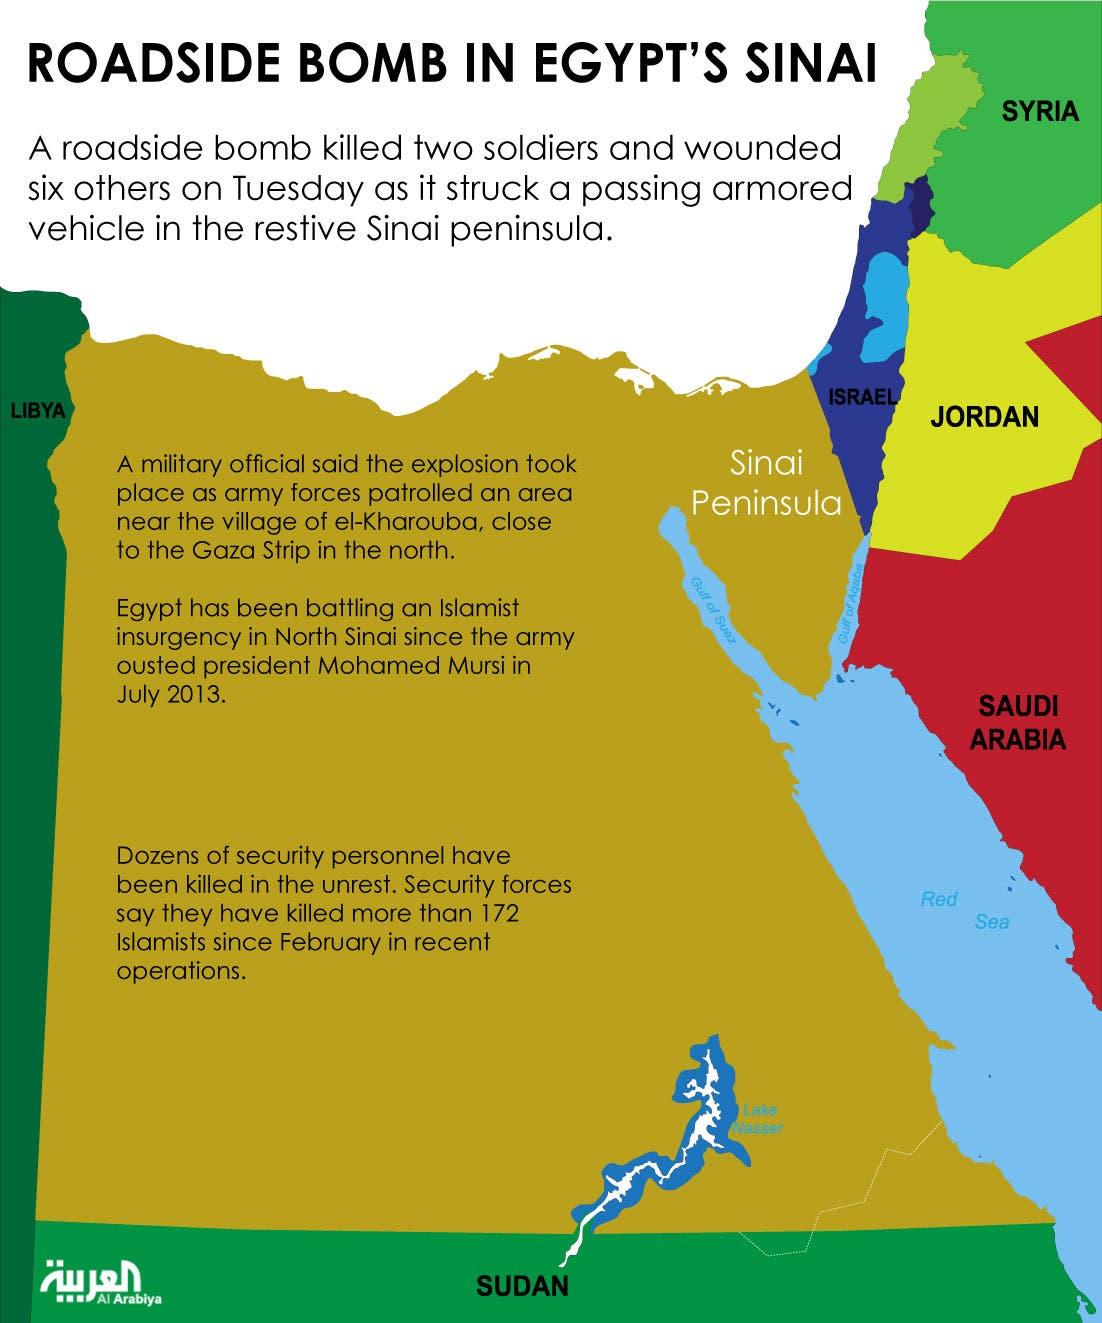 Infographic: Roadside bomb in Egypt's Sinai